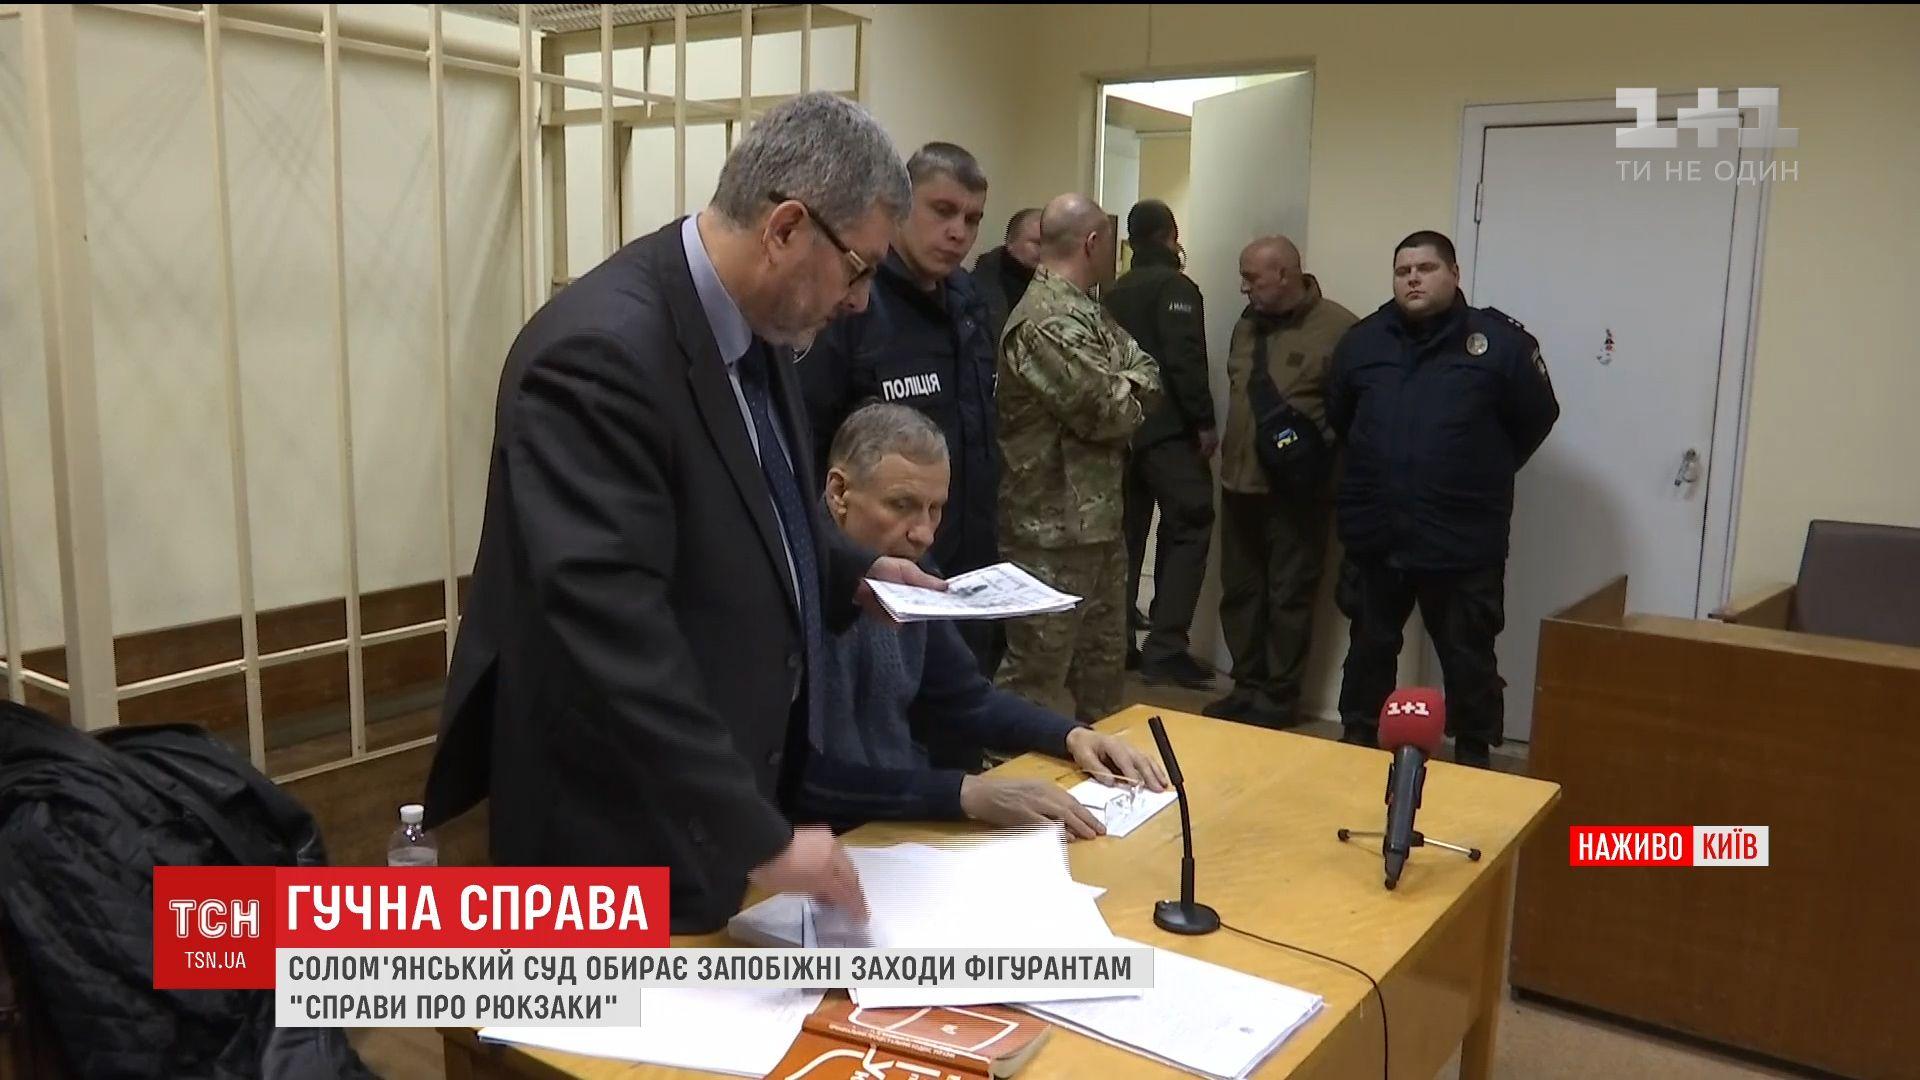 Суд отпустил на поруки Сергея Чеботаря / Кадр из видео ТСН